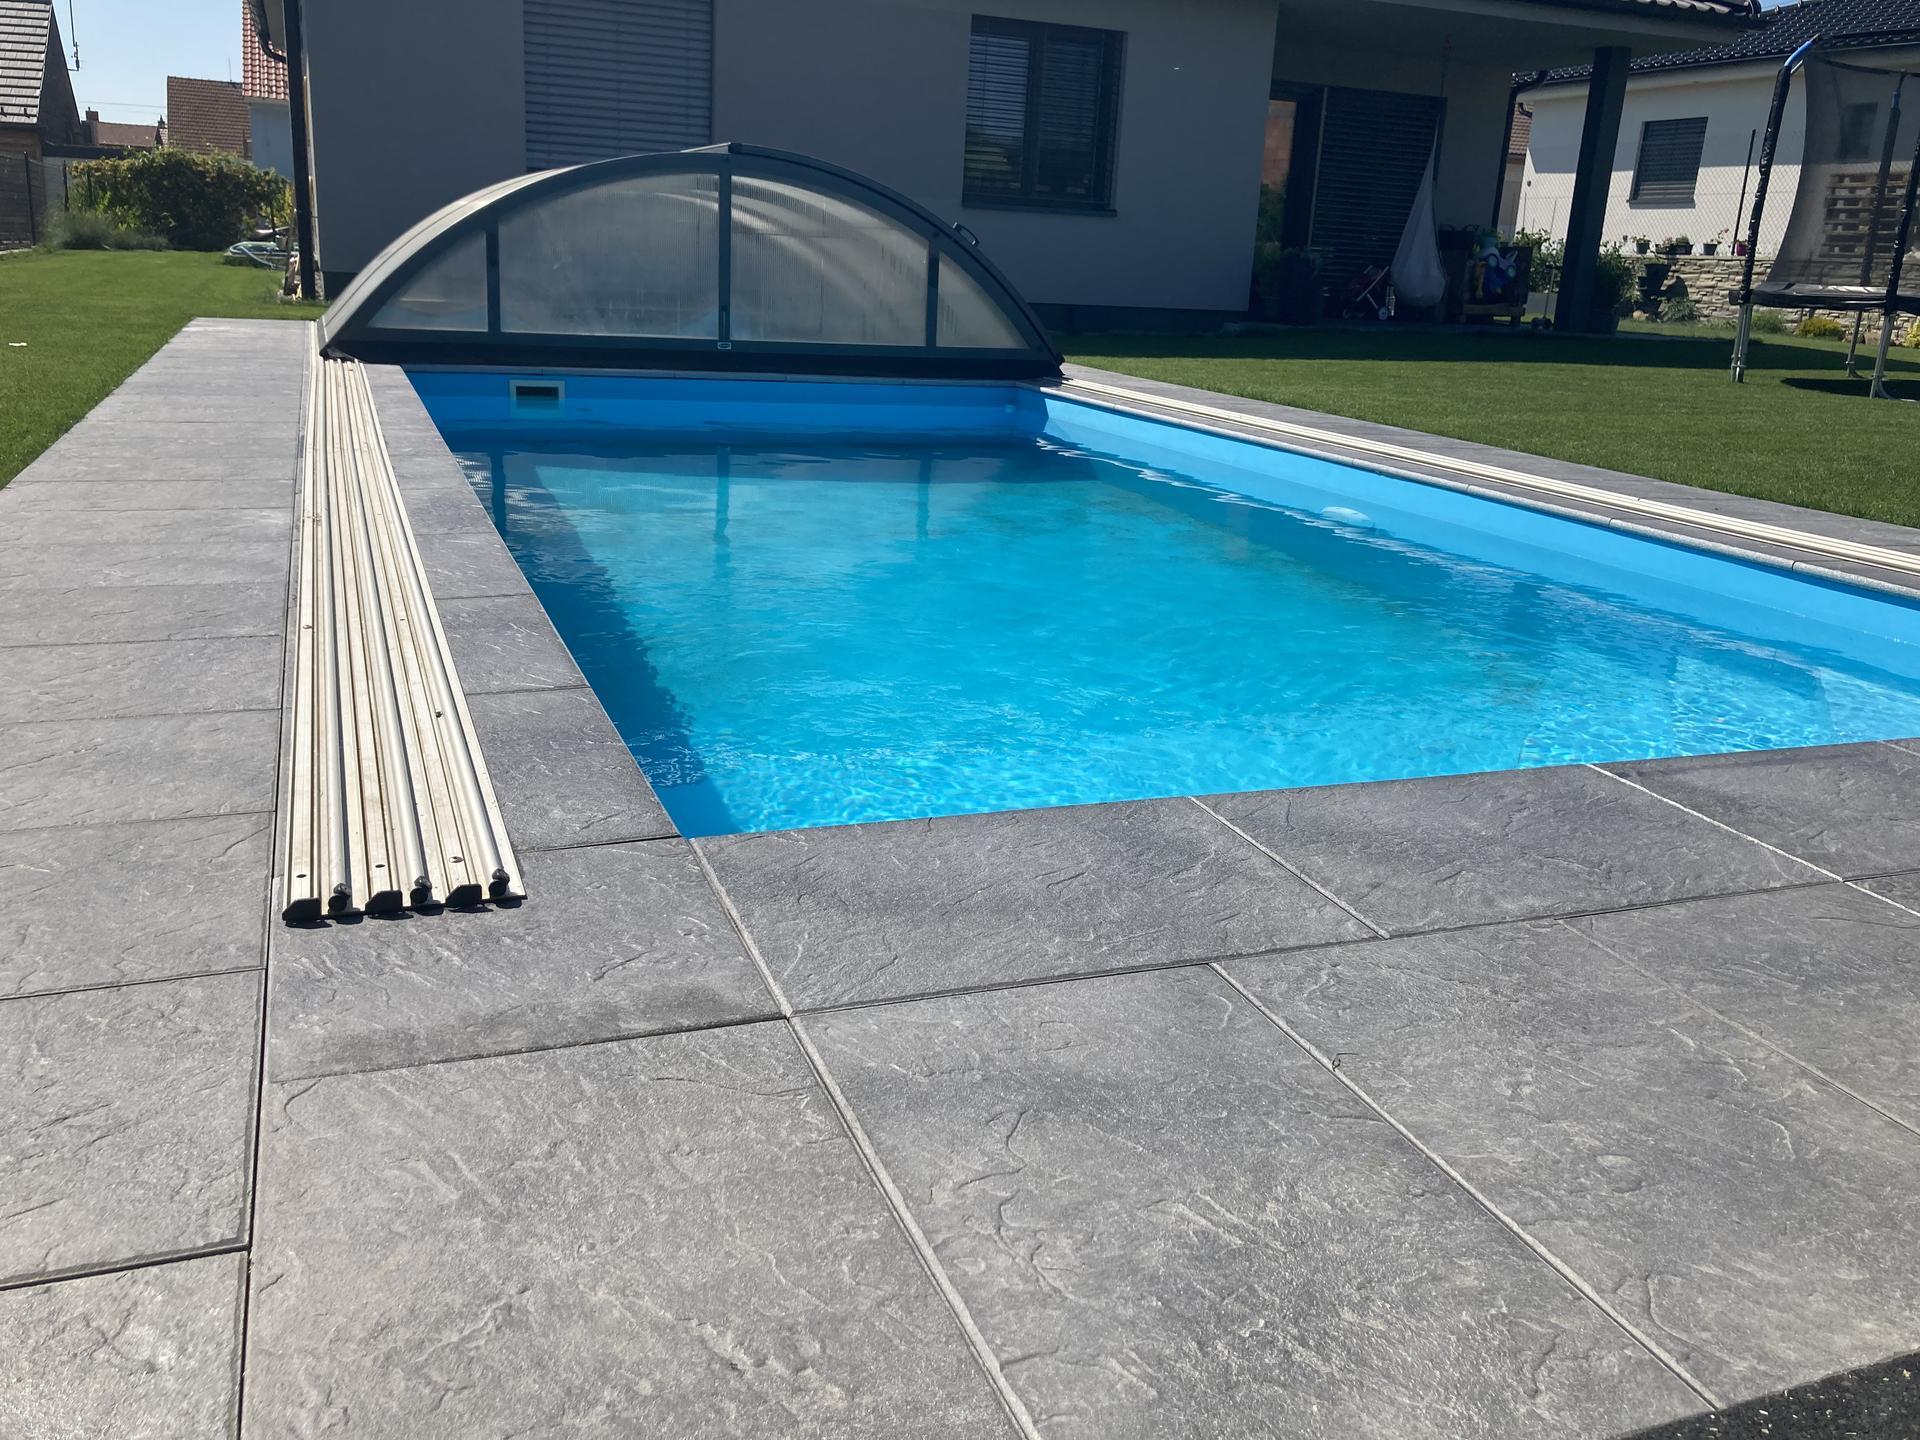 Tak nás bazen dostal novy šmrnc, konečně máme dlažbu 👏jsme moc spoko a na podzim ji protehneme až pod pergolu 😉 - Obrázek č. 2